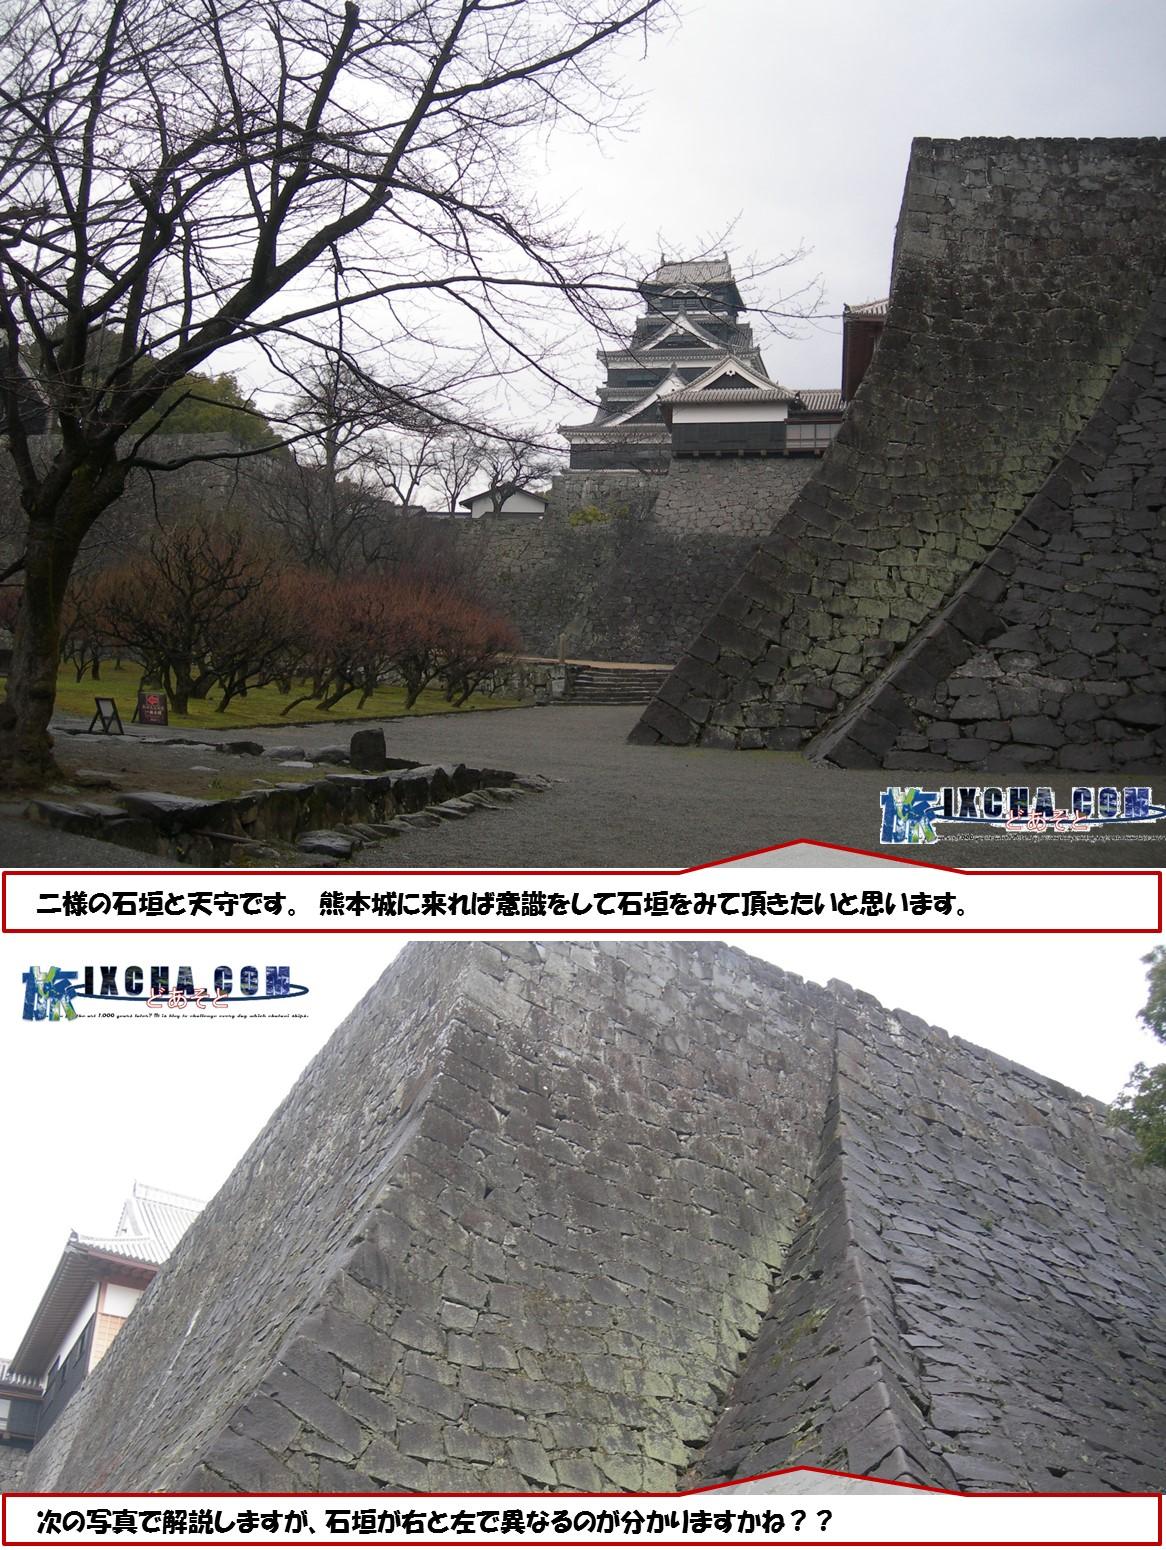 二様の石垣と天守です。 熊本城に来れば意識をして石垣をみて頂きたいと思います。 次の写真で解説しますが、石垣が右と左で異なるのが分かりますかね??